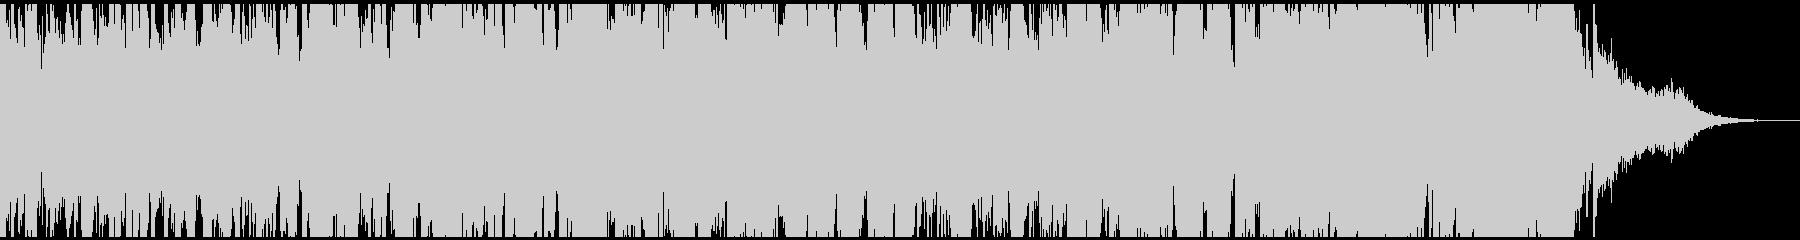 ハープ主体のアップテンポなオーケストラの未再生の波形